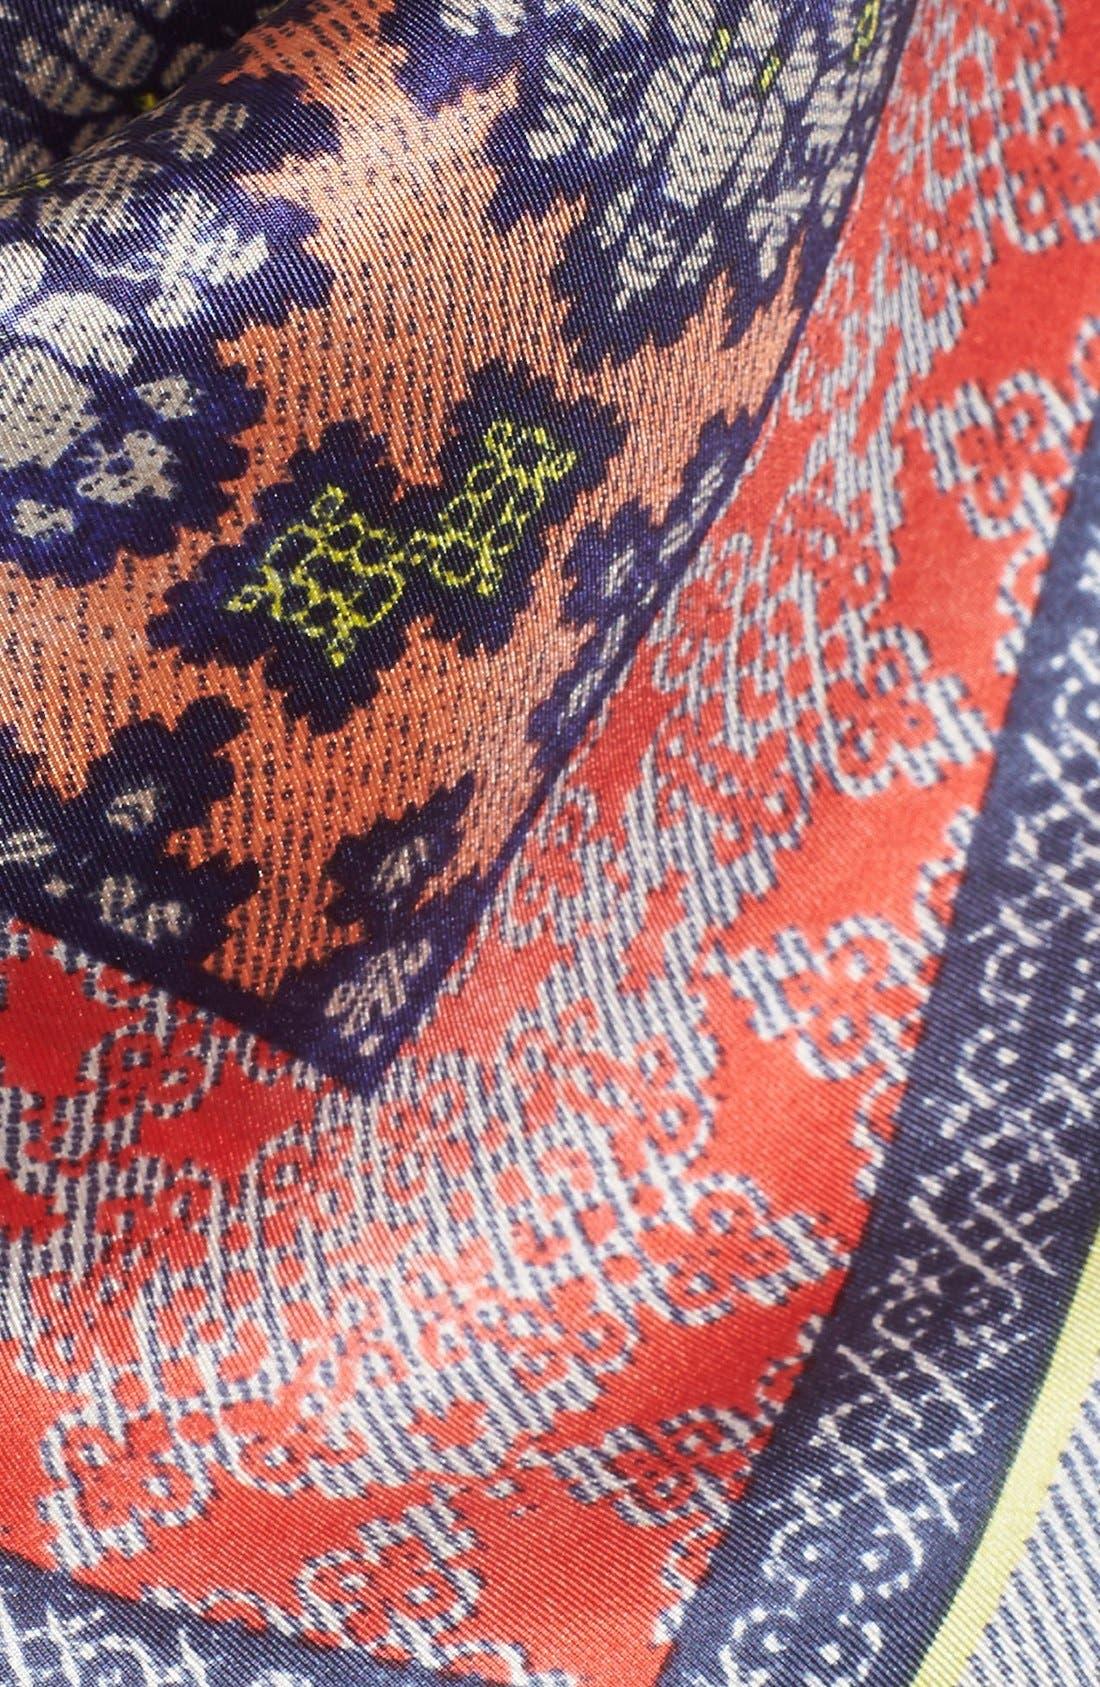 Alternate Image 3  - BCBGMAXAZRIA 'Woodblock' Silk Square Scarf